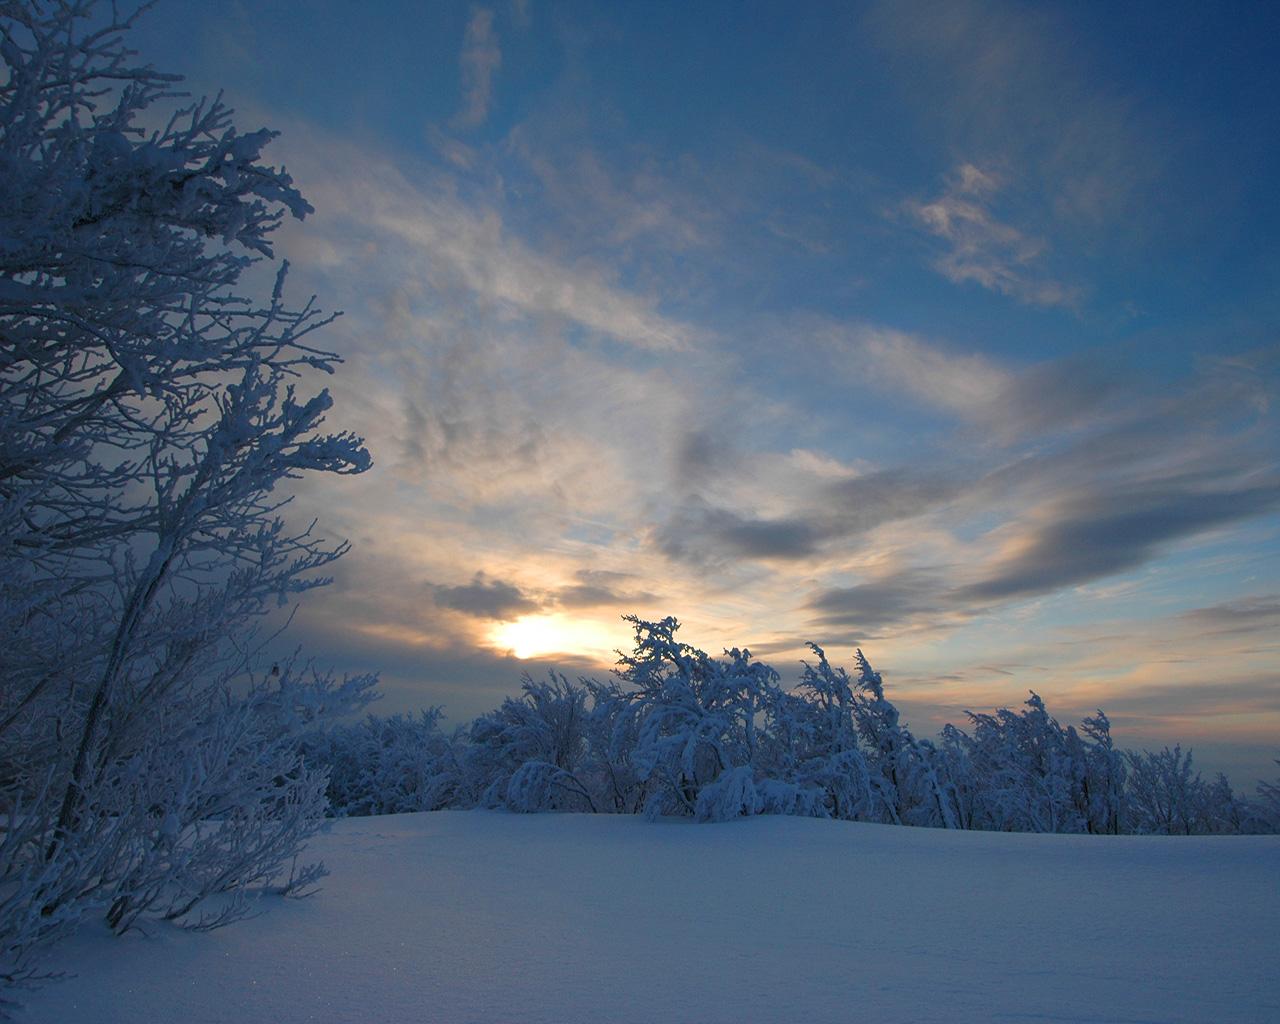 ảnh phong cảnh mùa đông